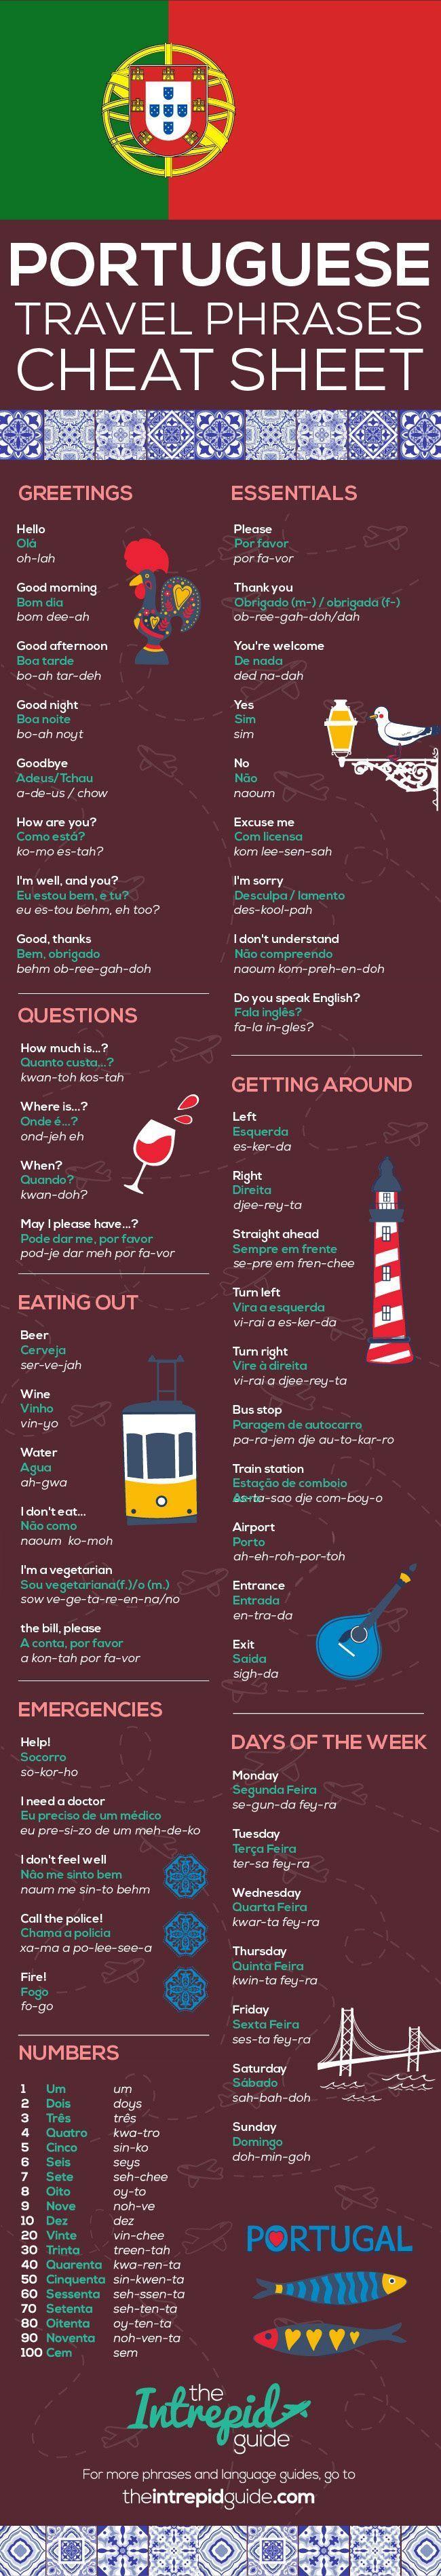 Useful Portuguese phrases and travel phrase guide with Pronunciation #brazilportuguese #learnportuguese